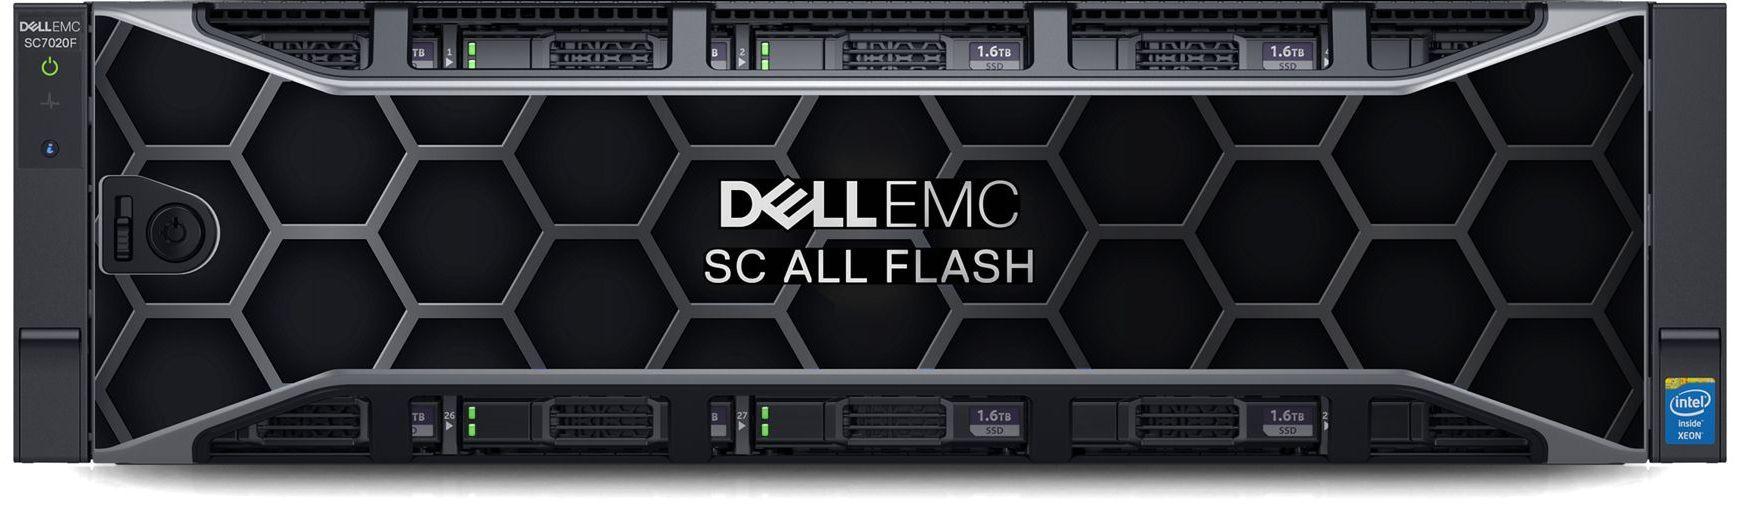 Dell EMC SC7020F Front